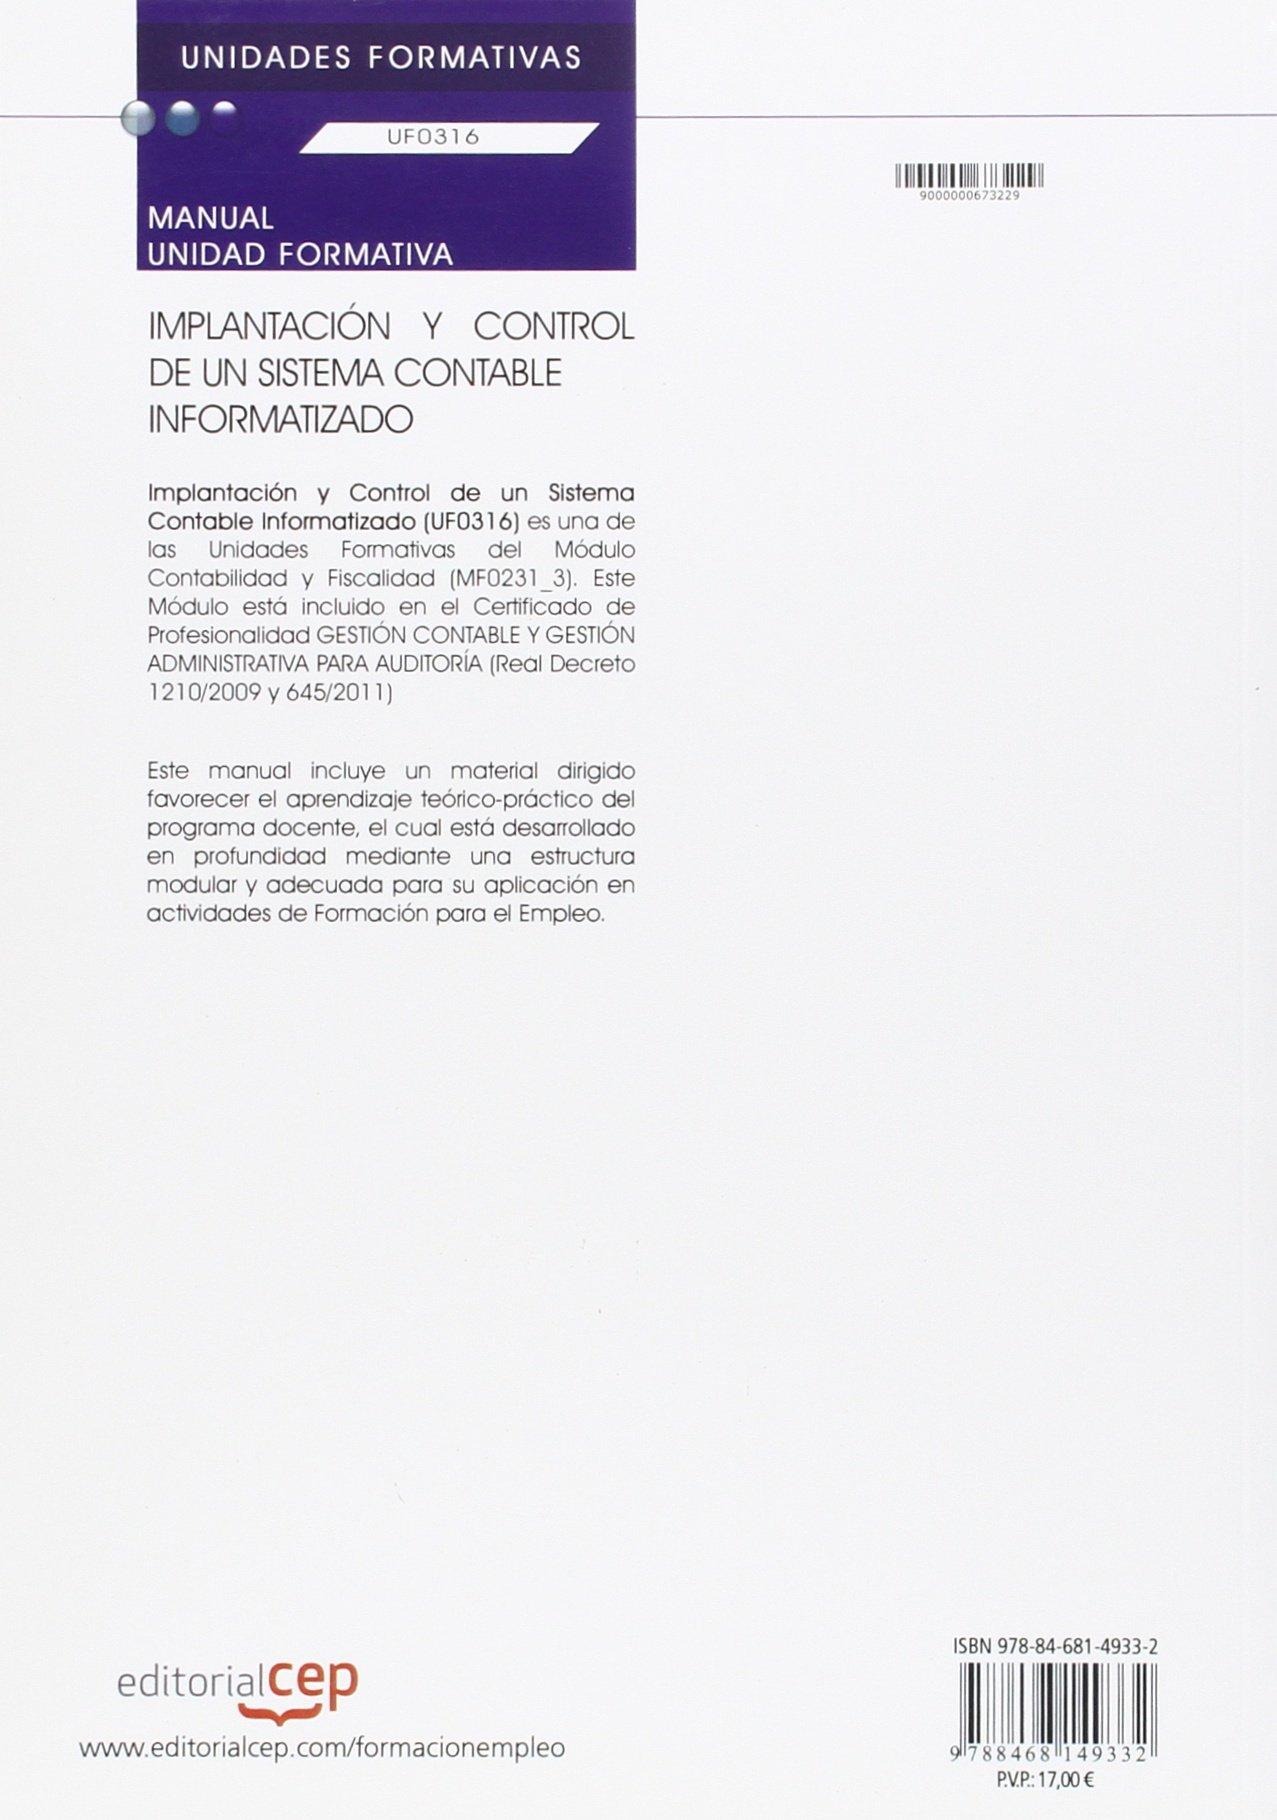 Manual Implantacion Y Control De Un Sistema Contable